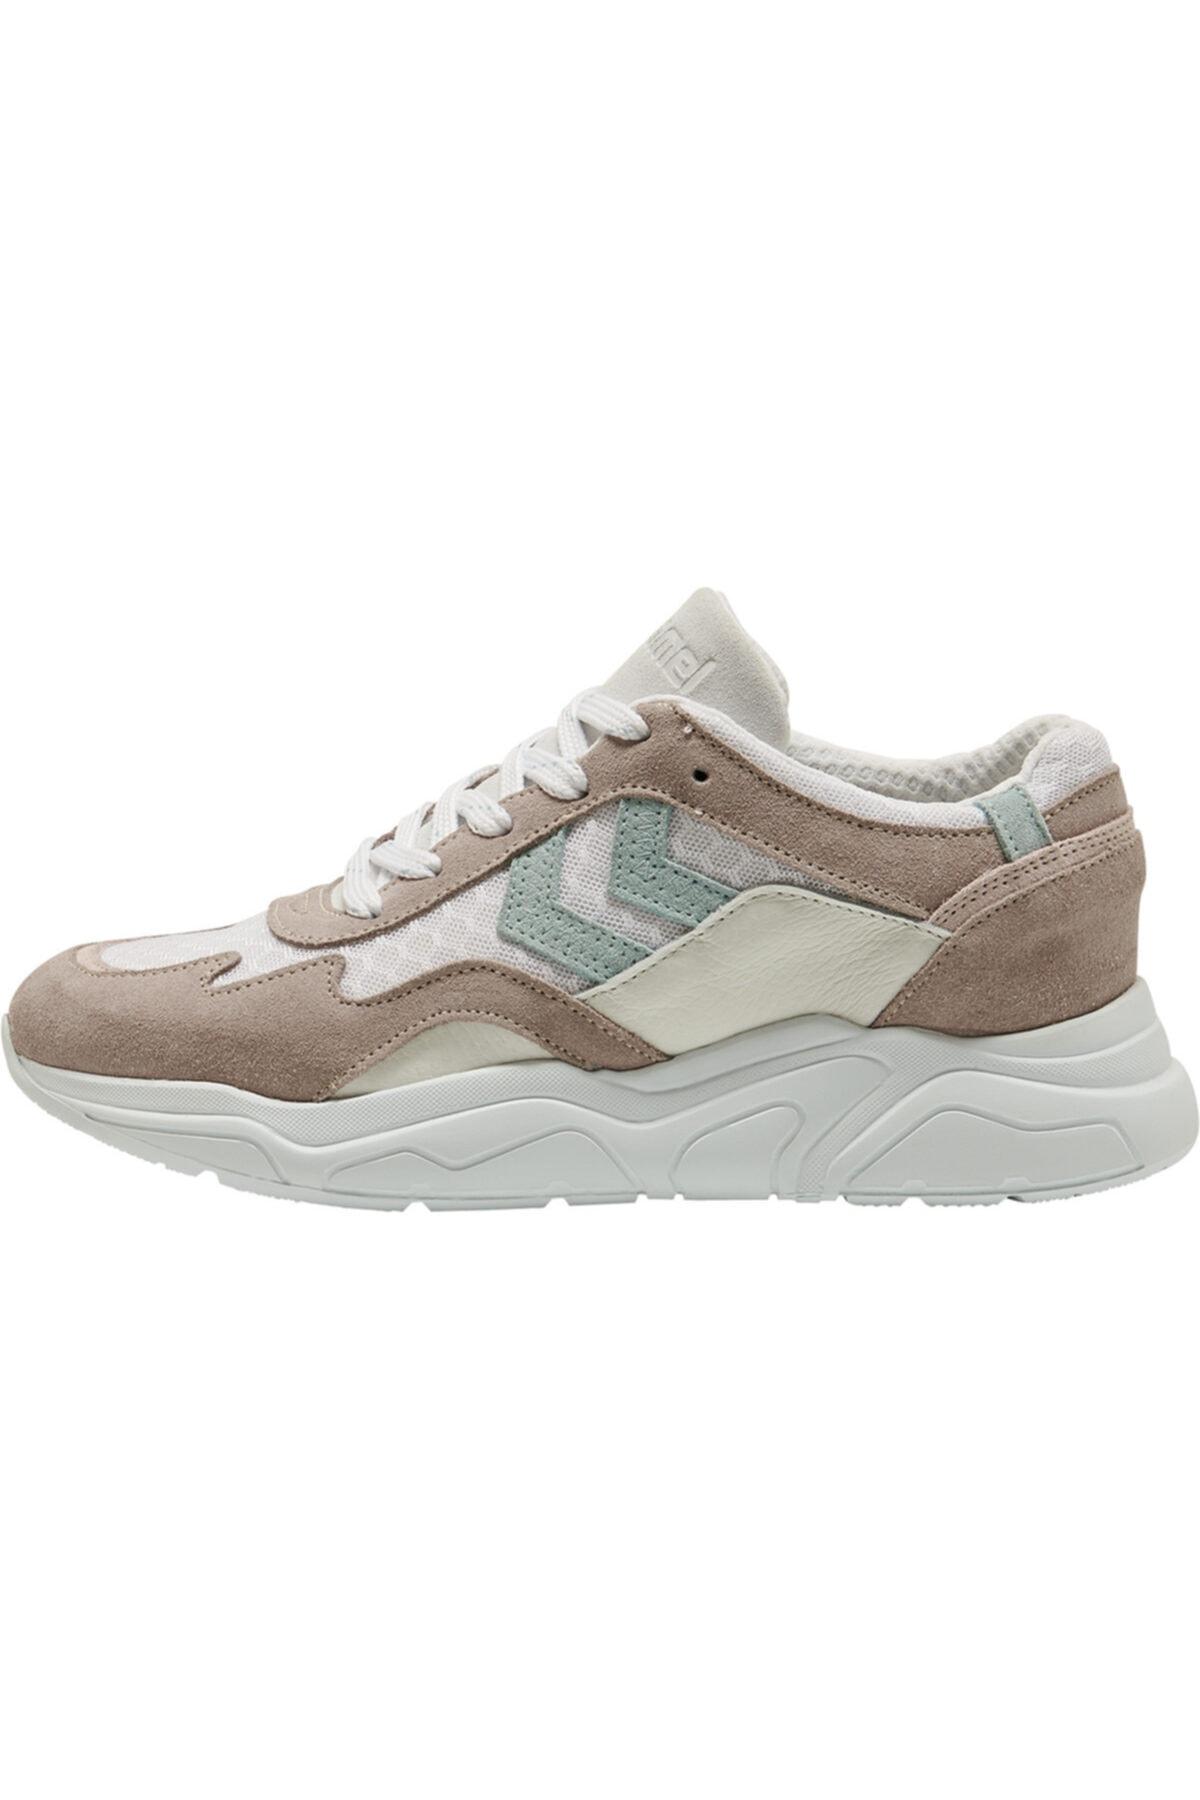 HUMMEL Unisex Sporcu Sütyeniga Ayakkabı 1